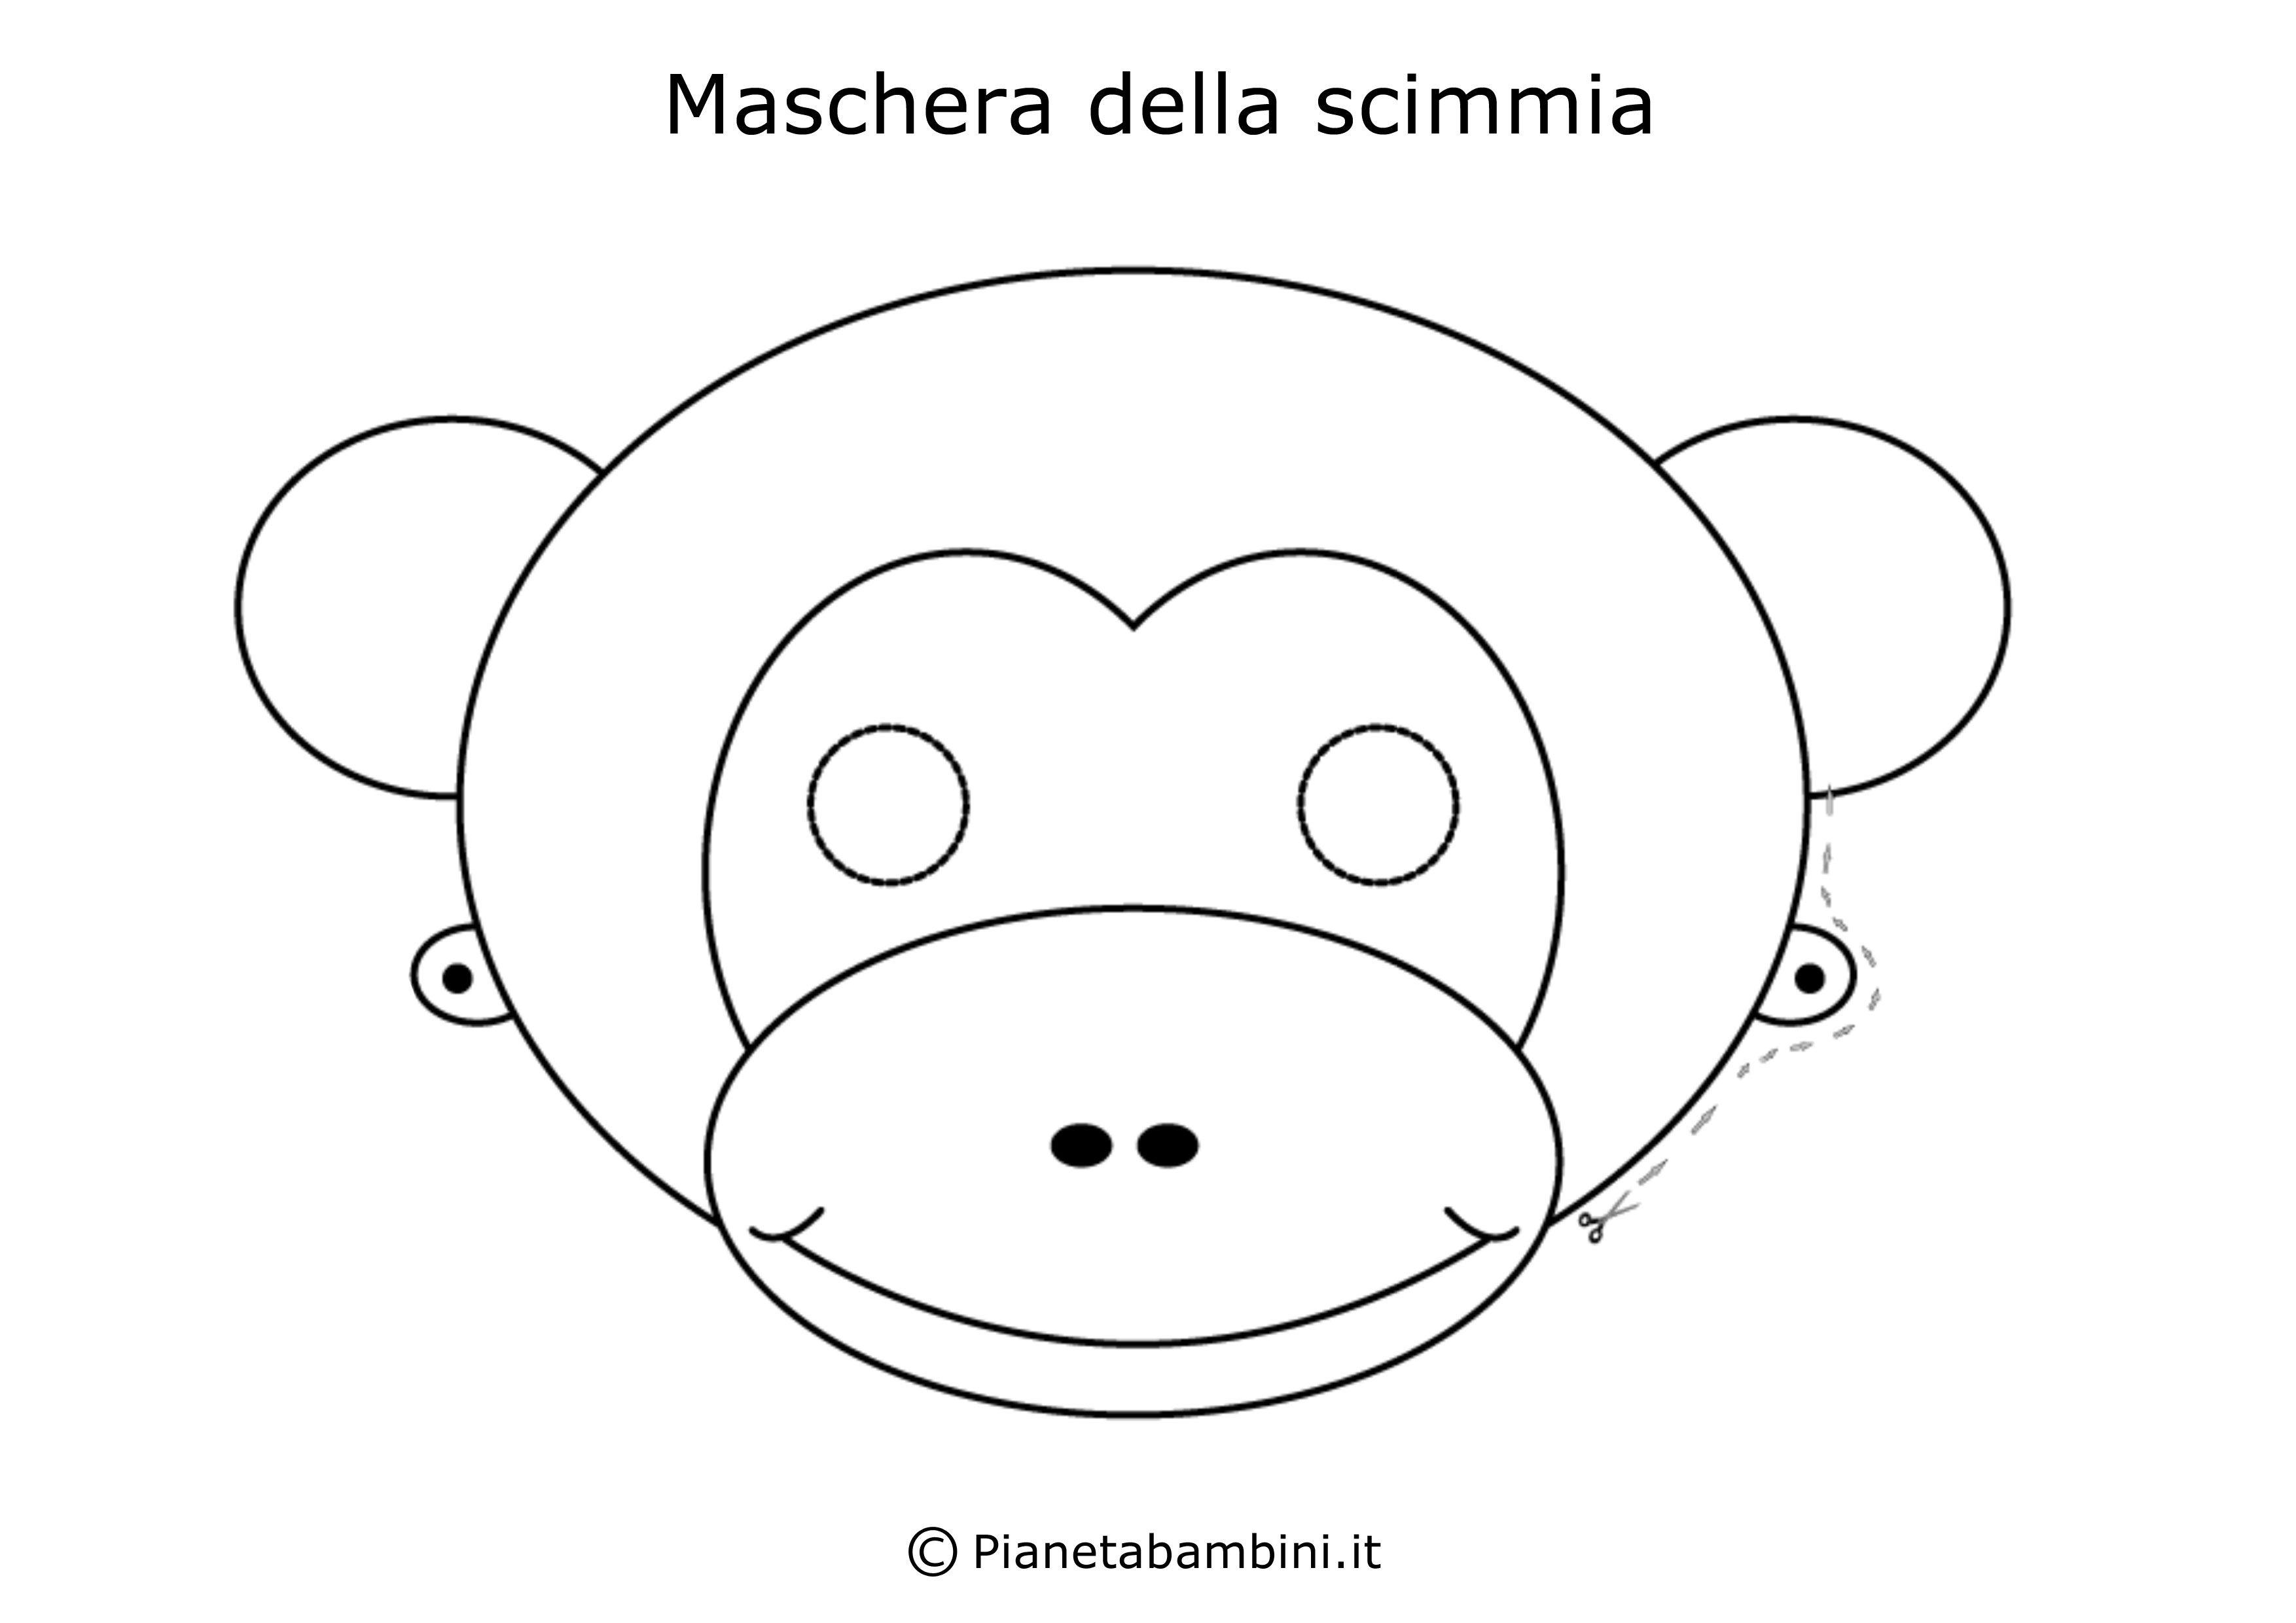 Maschera della scimmia da colorare e ritagliare - Scimmia faccia da colorare pagine da colorare ...